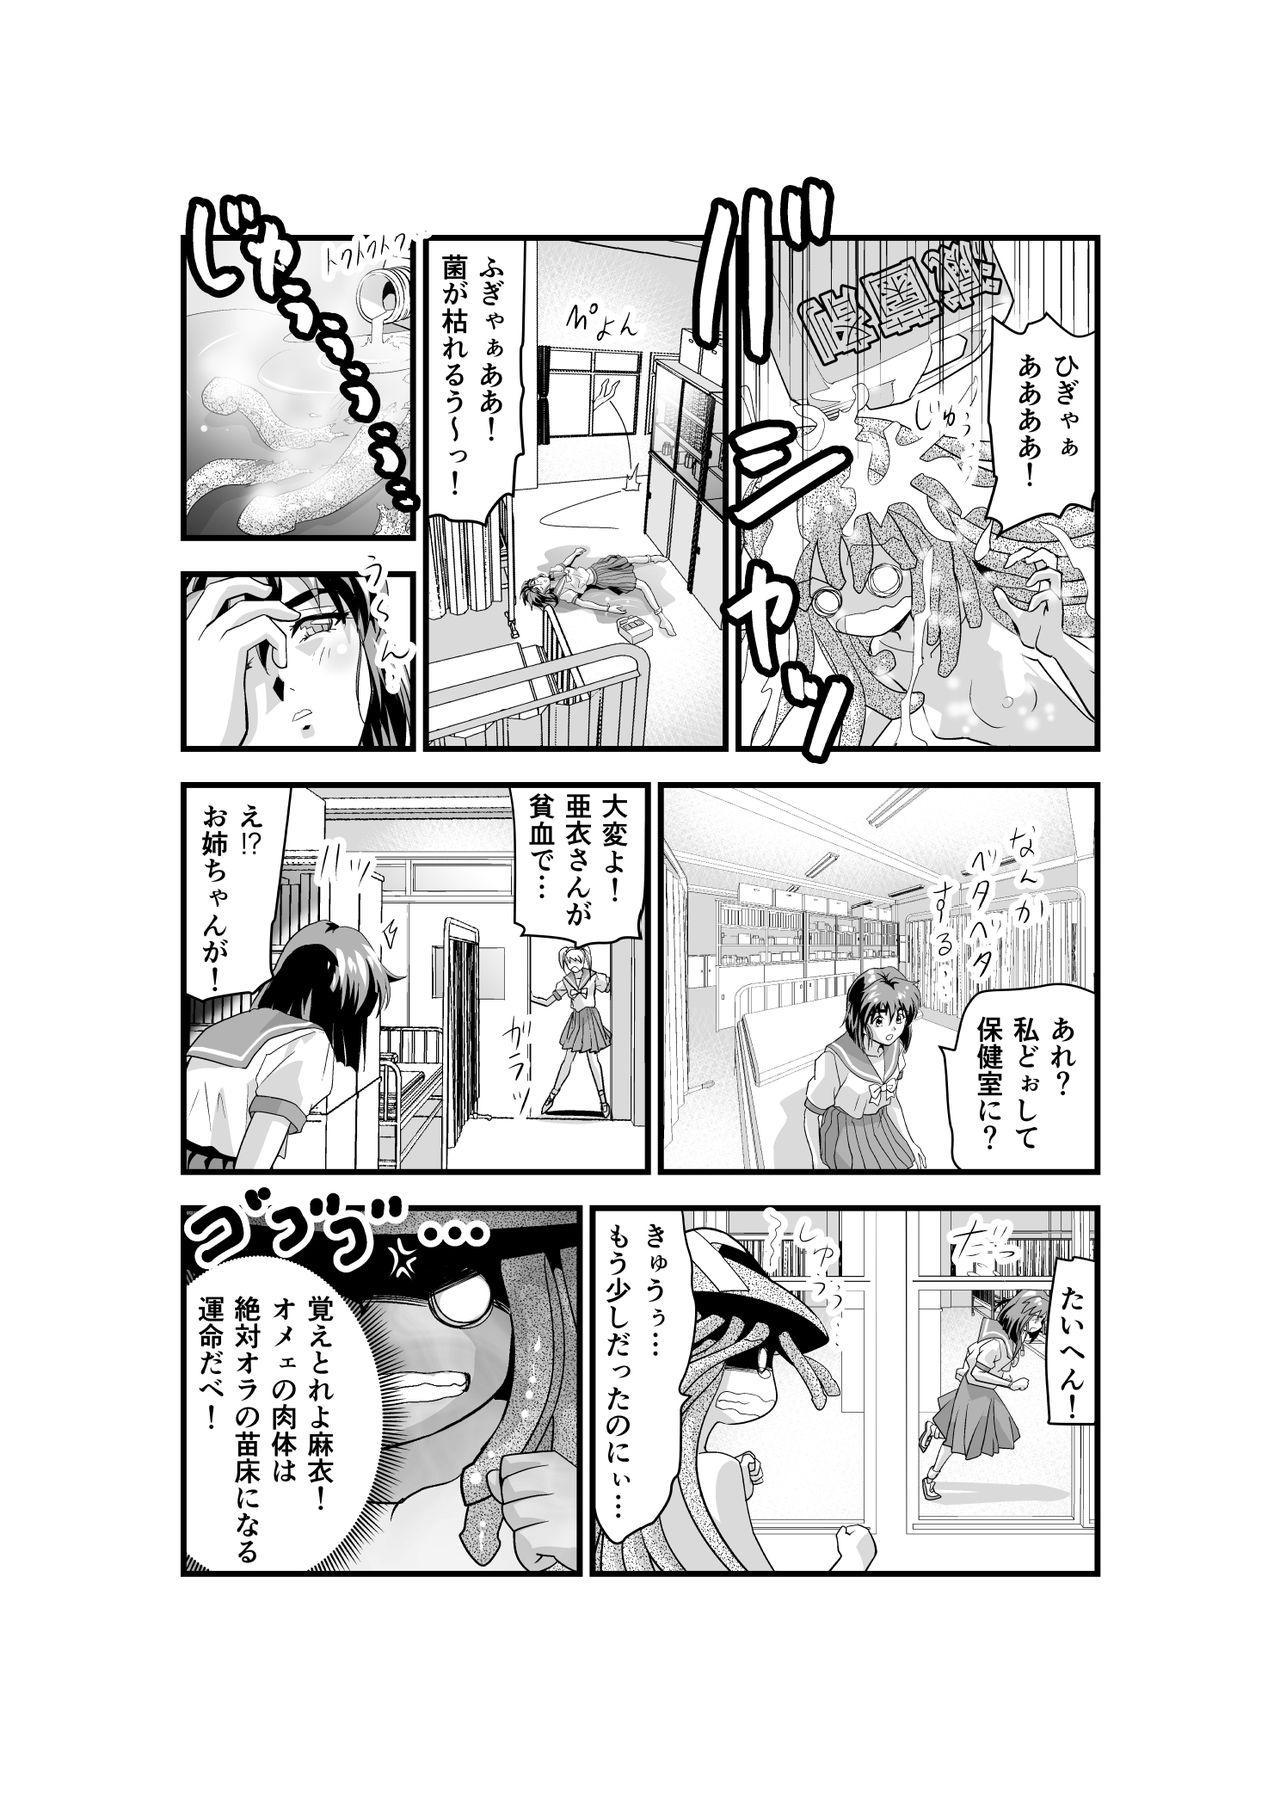 Matsukasa Illusion Dainiya 29